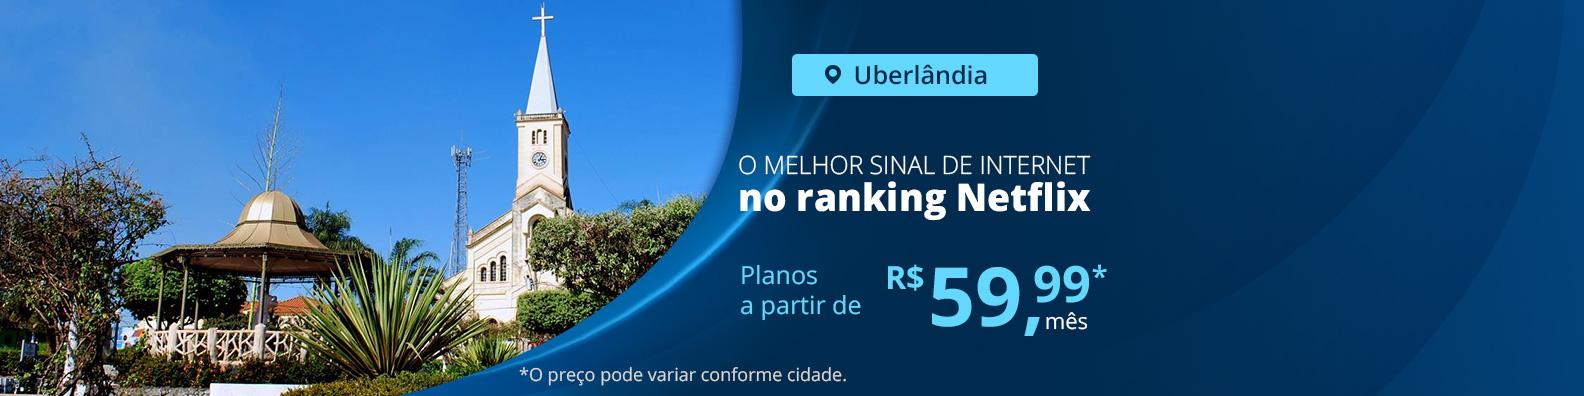 Telefone NET Uberlândia